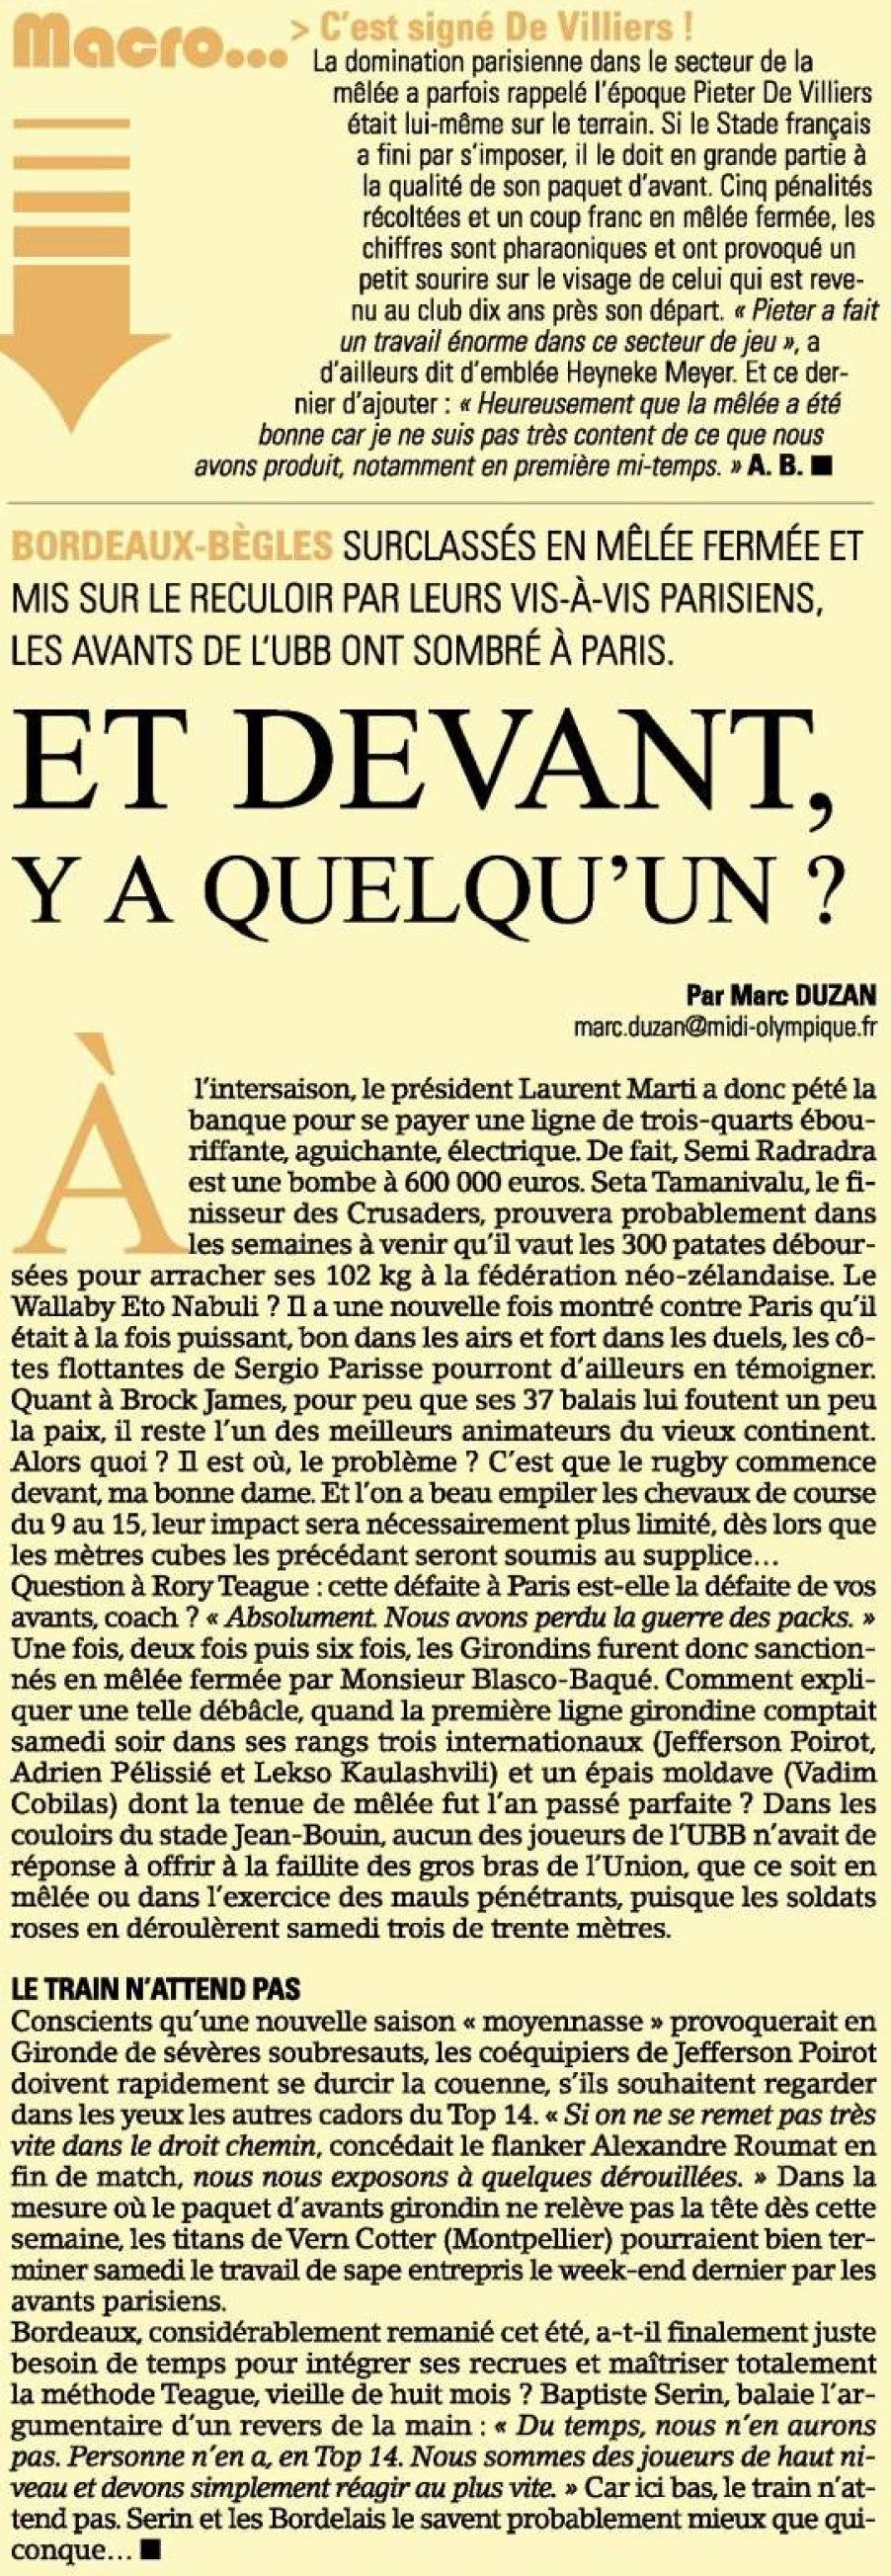 Top14 - 2ème journée : Stade Français / UBB - Page 6 Sans_t42